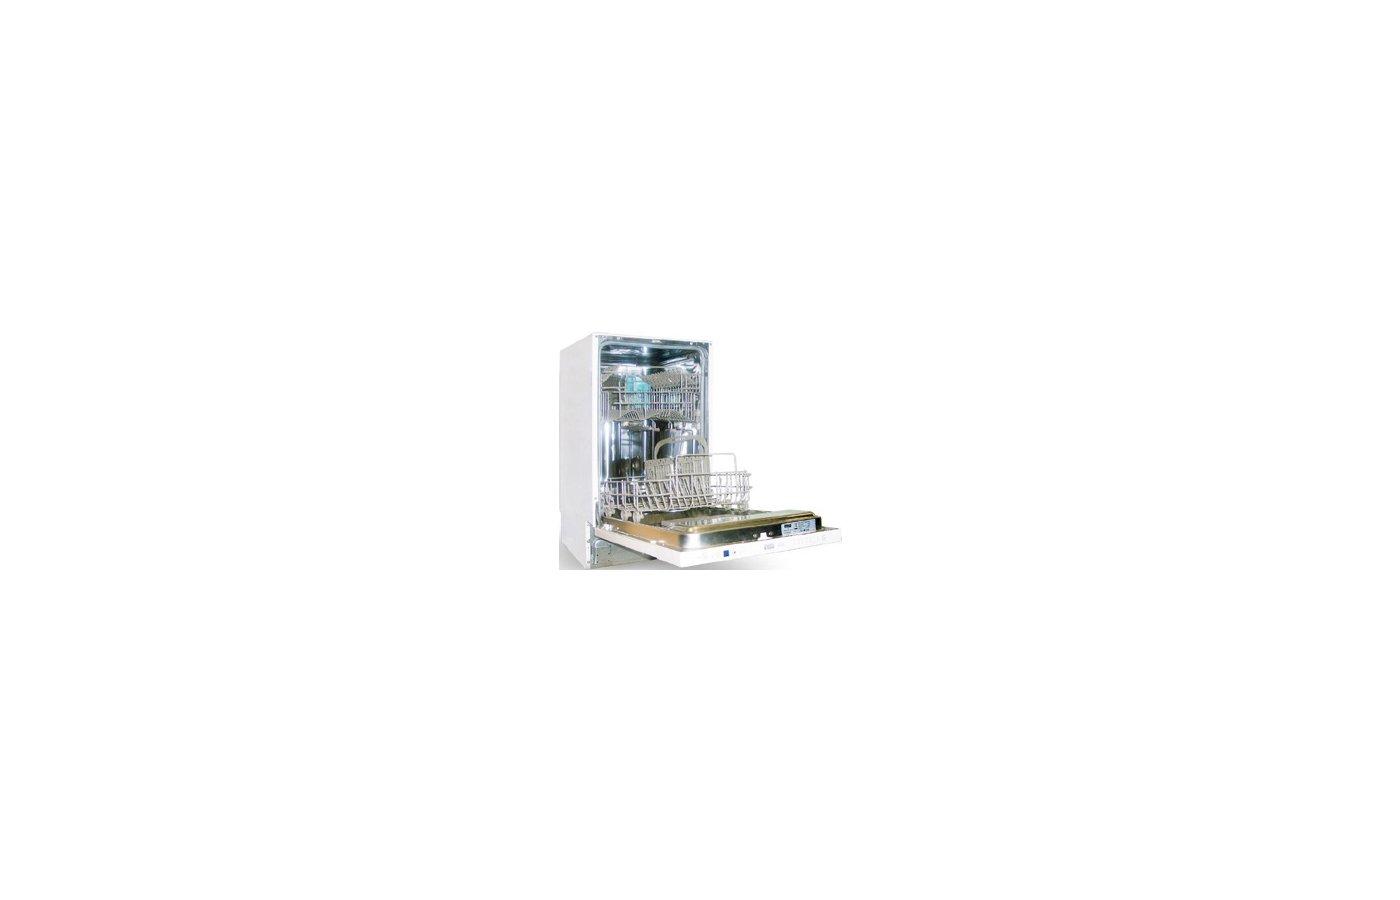 посудомоечная машина krona aquastop bde 4507 eu инструкция